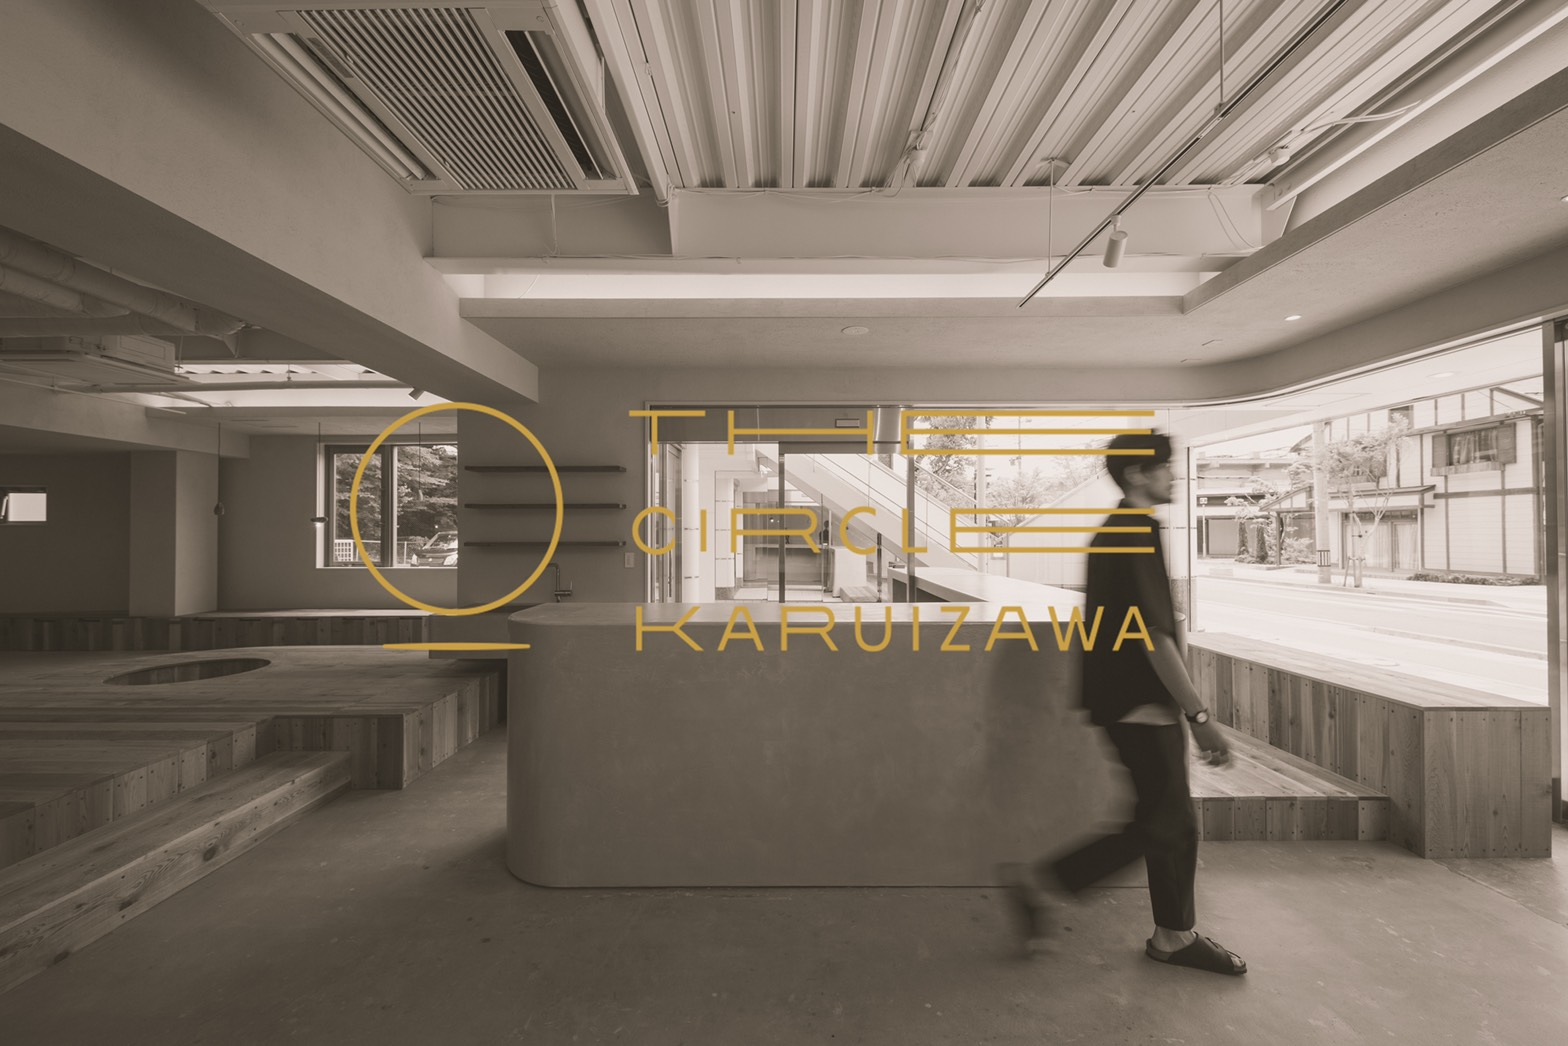 長野県軽井沢町のシェアオフィス「THE CIRCLE KARUIZAWA」vol.4